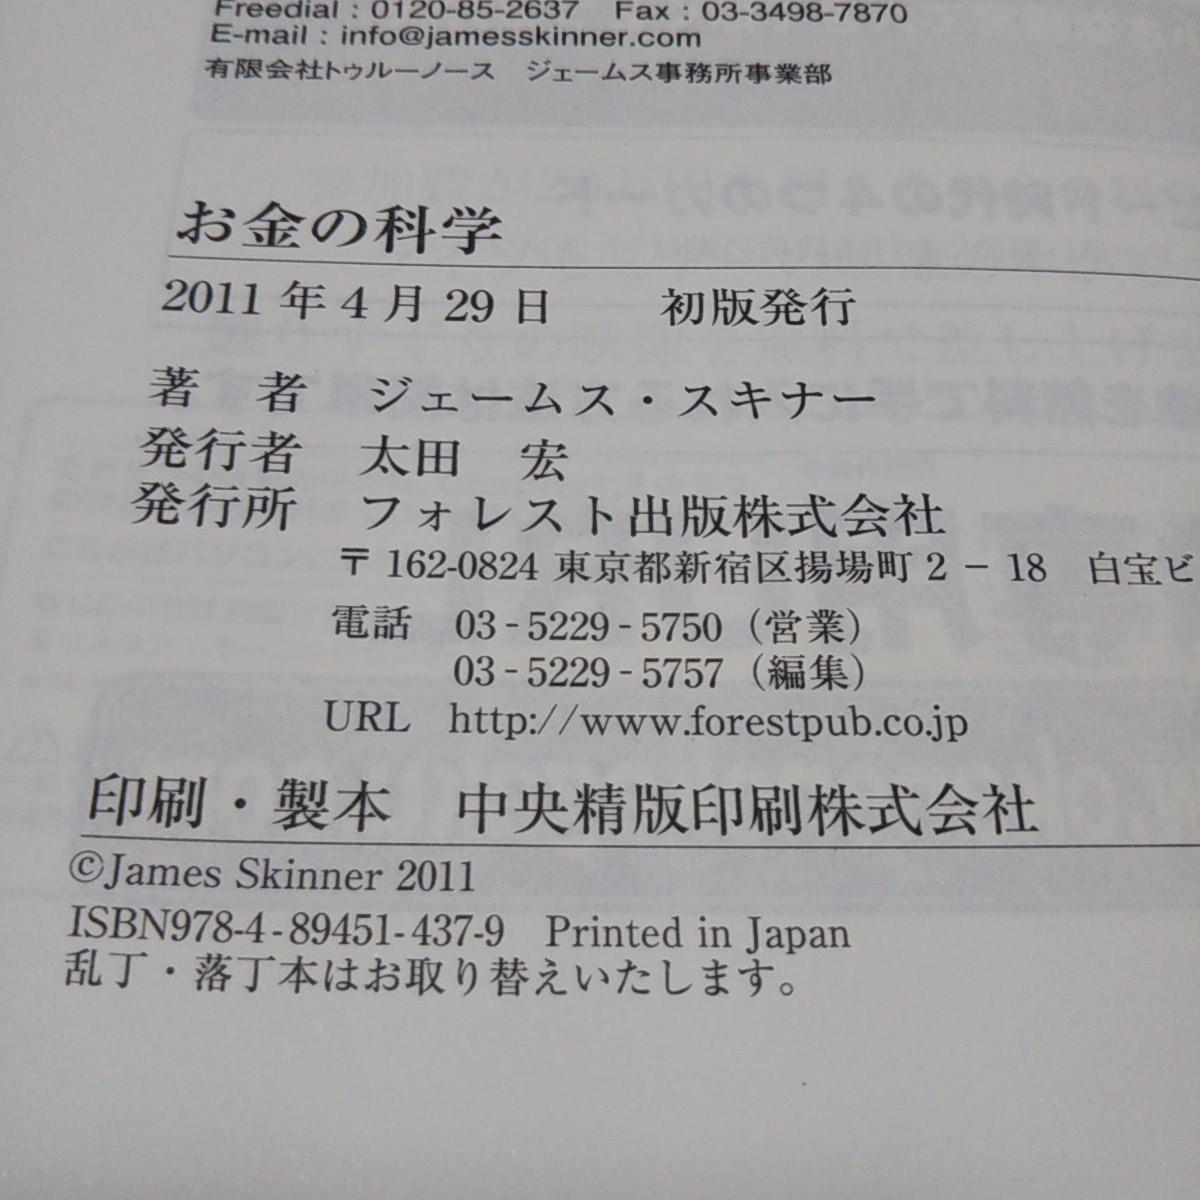 【即決】お金の科学 ジェームス・スキナー CD-ROM付 フォレスト出版 単行本_画像6